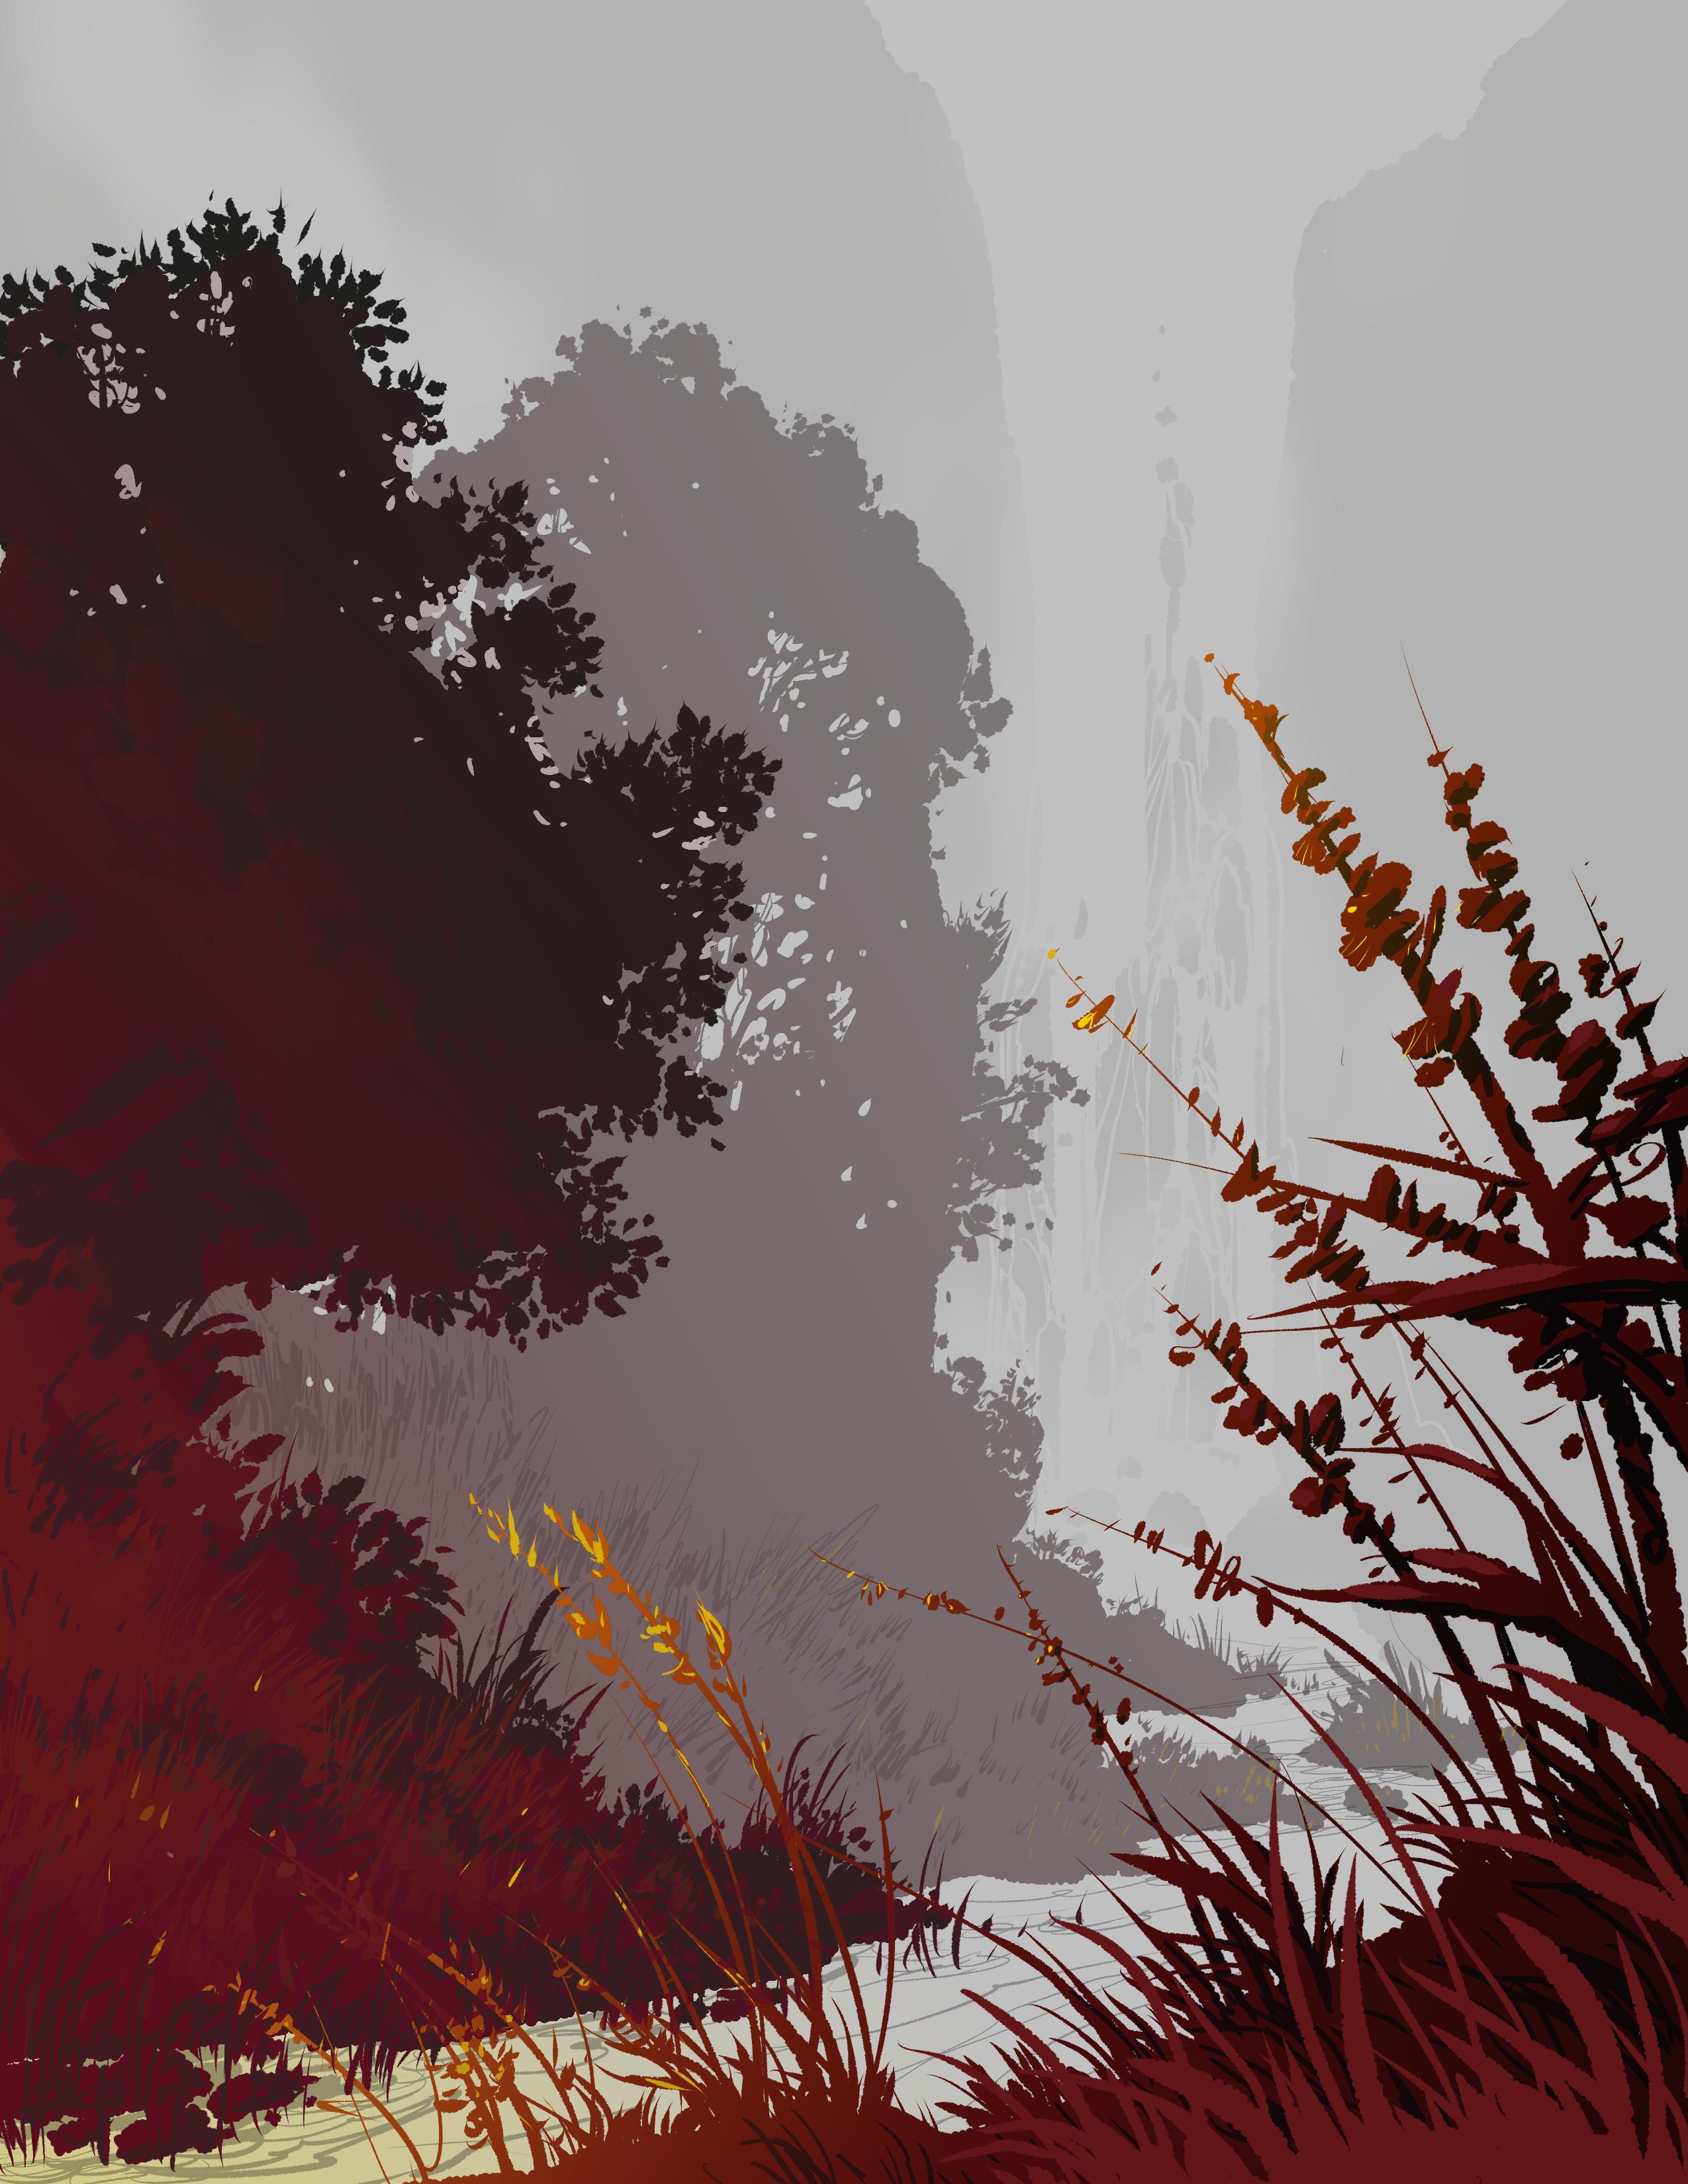 91807 Заставки и Обои Вектор на телефон. Скачать Пейзаж, Вектор, Деревья, Река, Трава, Арт картинки бесплатно